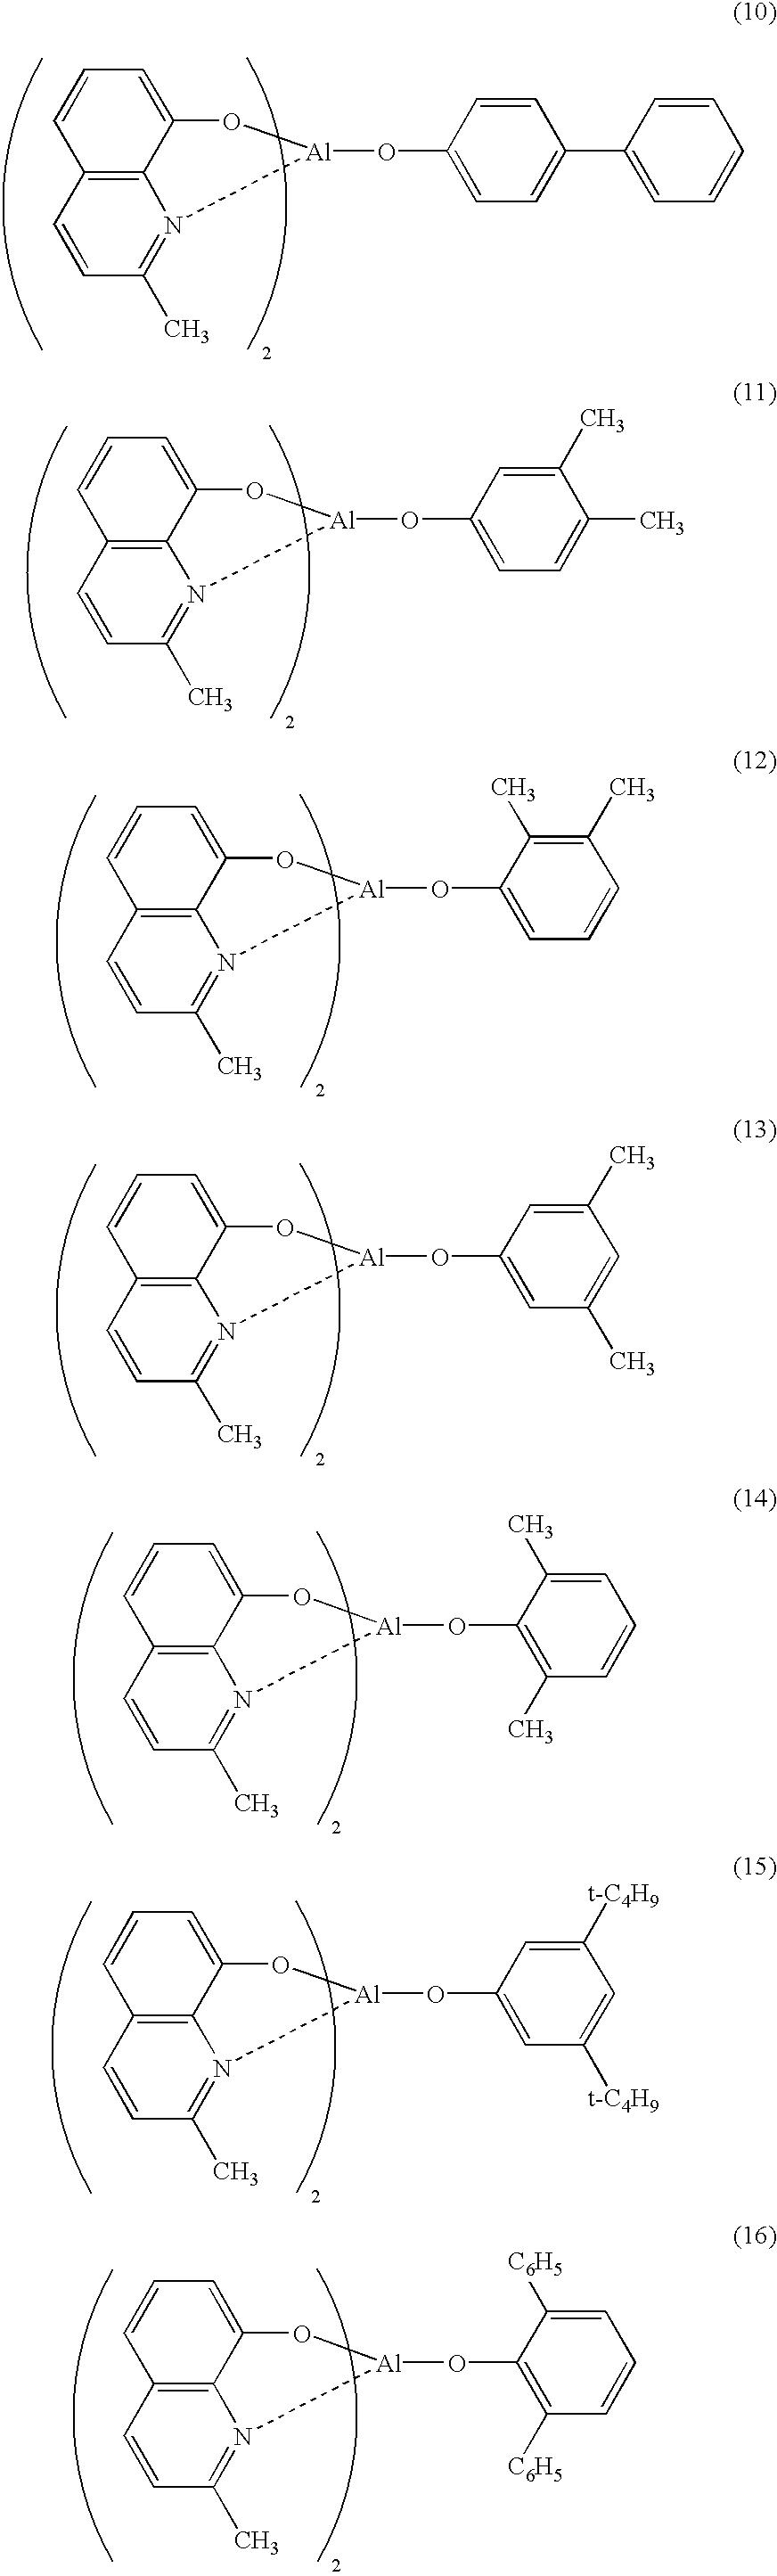 Figure US06602618-20030805-C00007